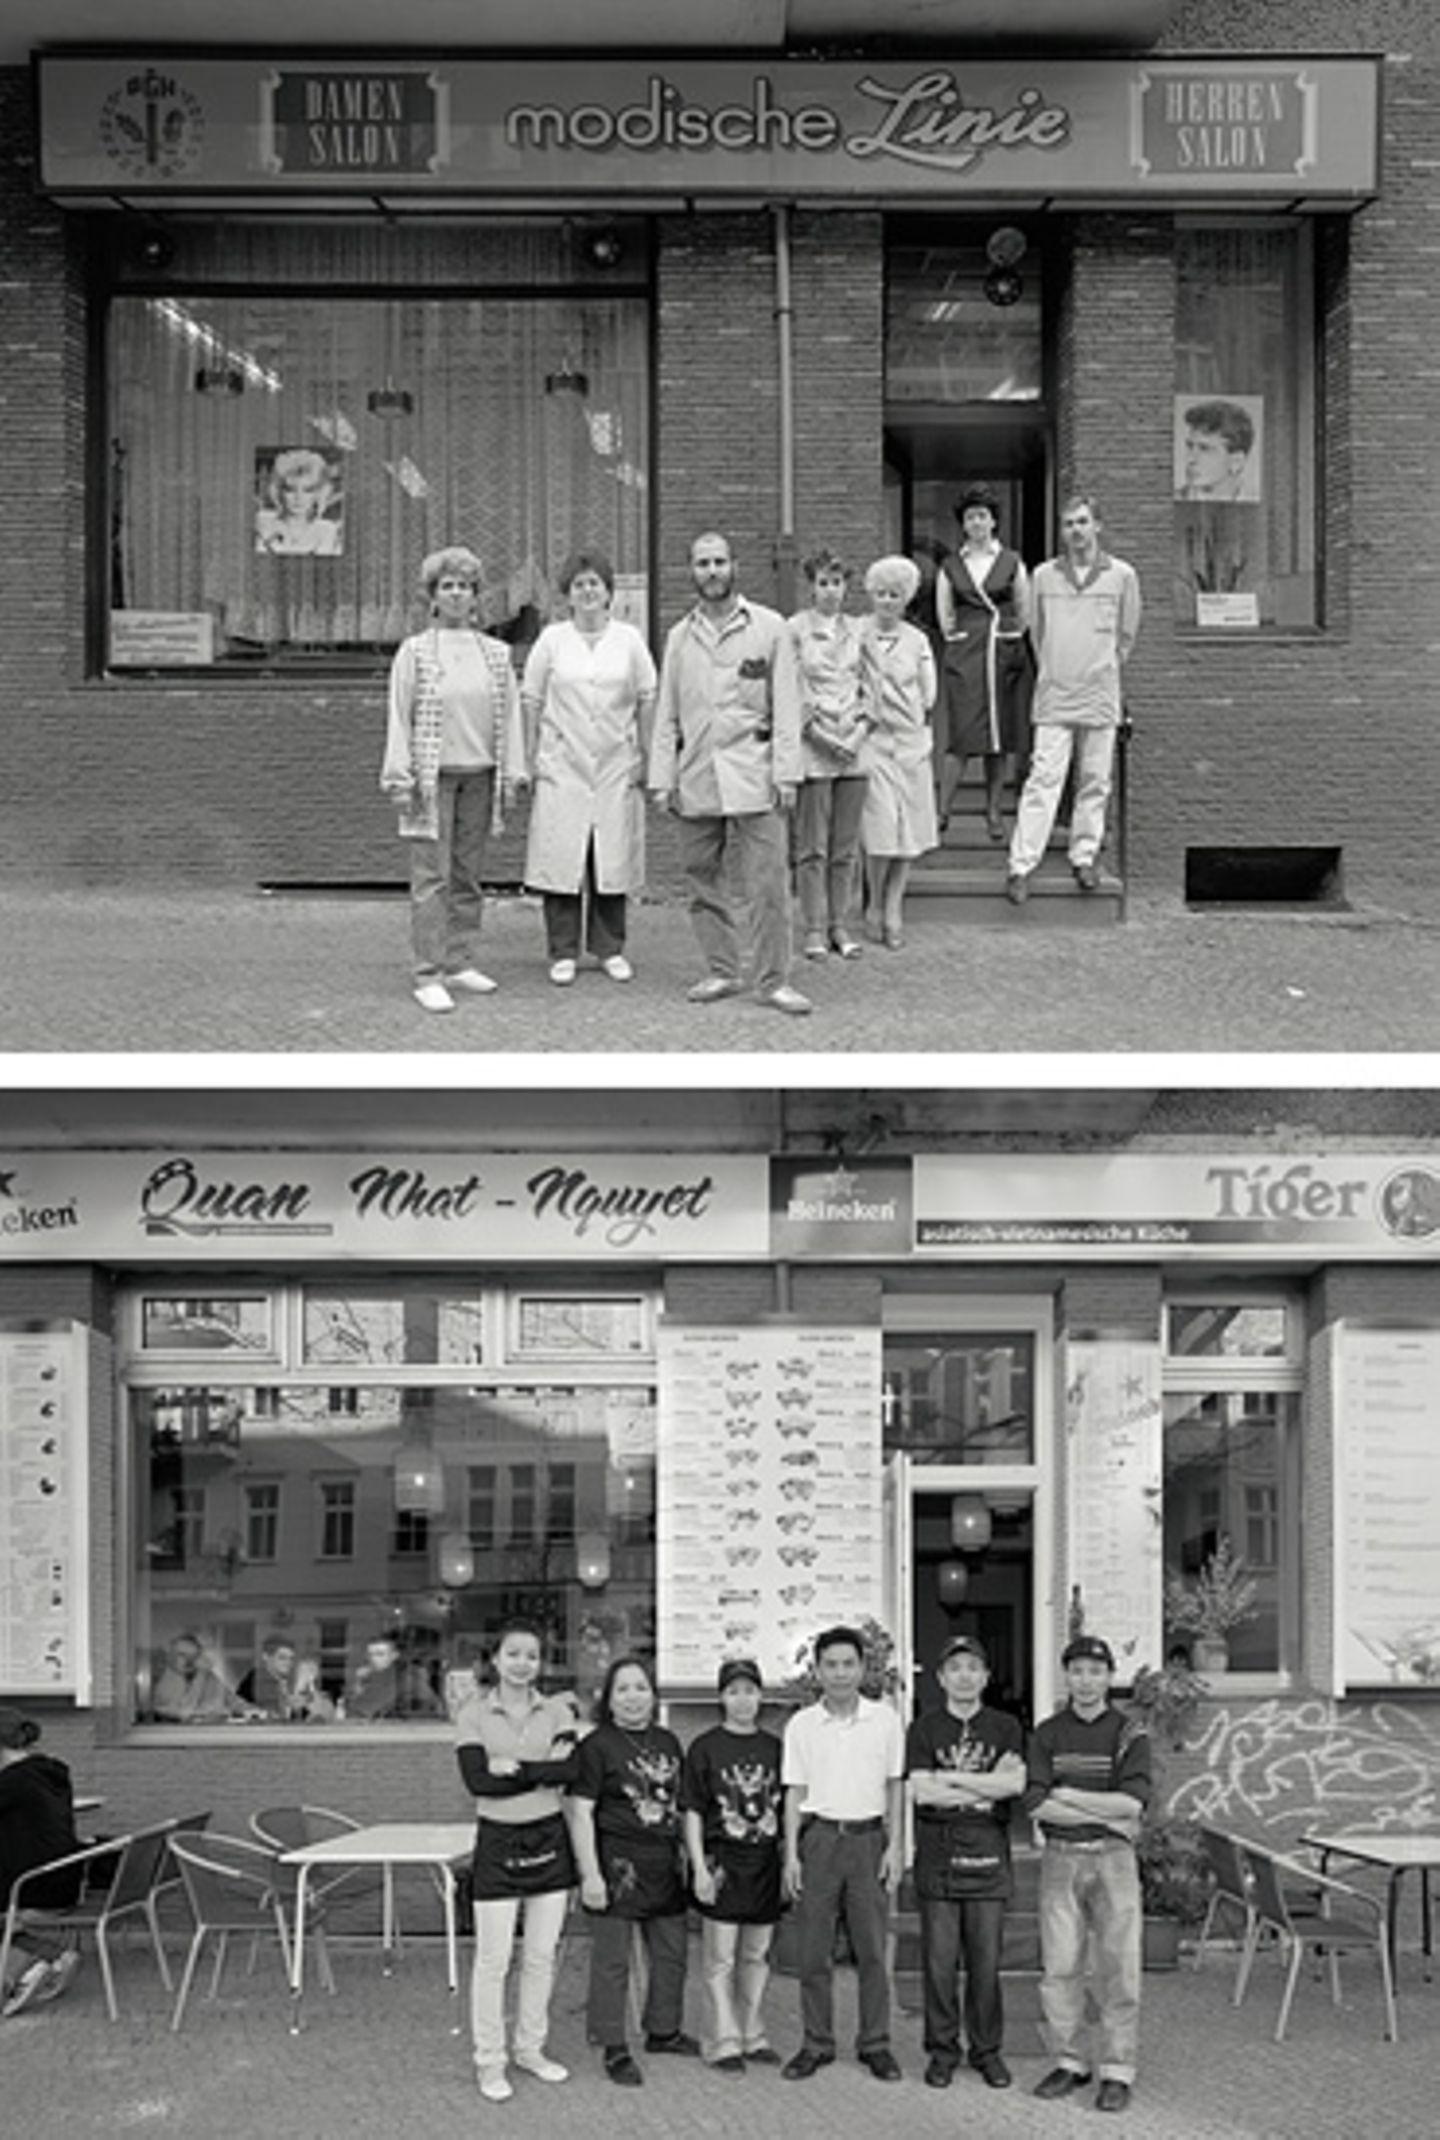 Fotogalerie: Eine deutsche Straße im Wandel - Bild 3